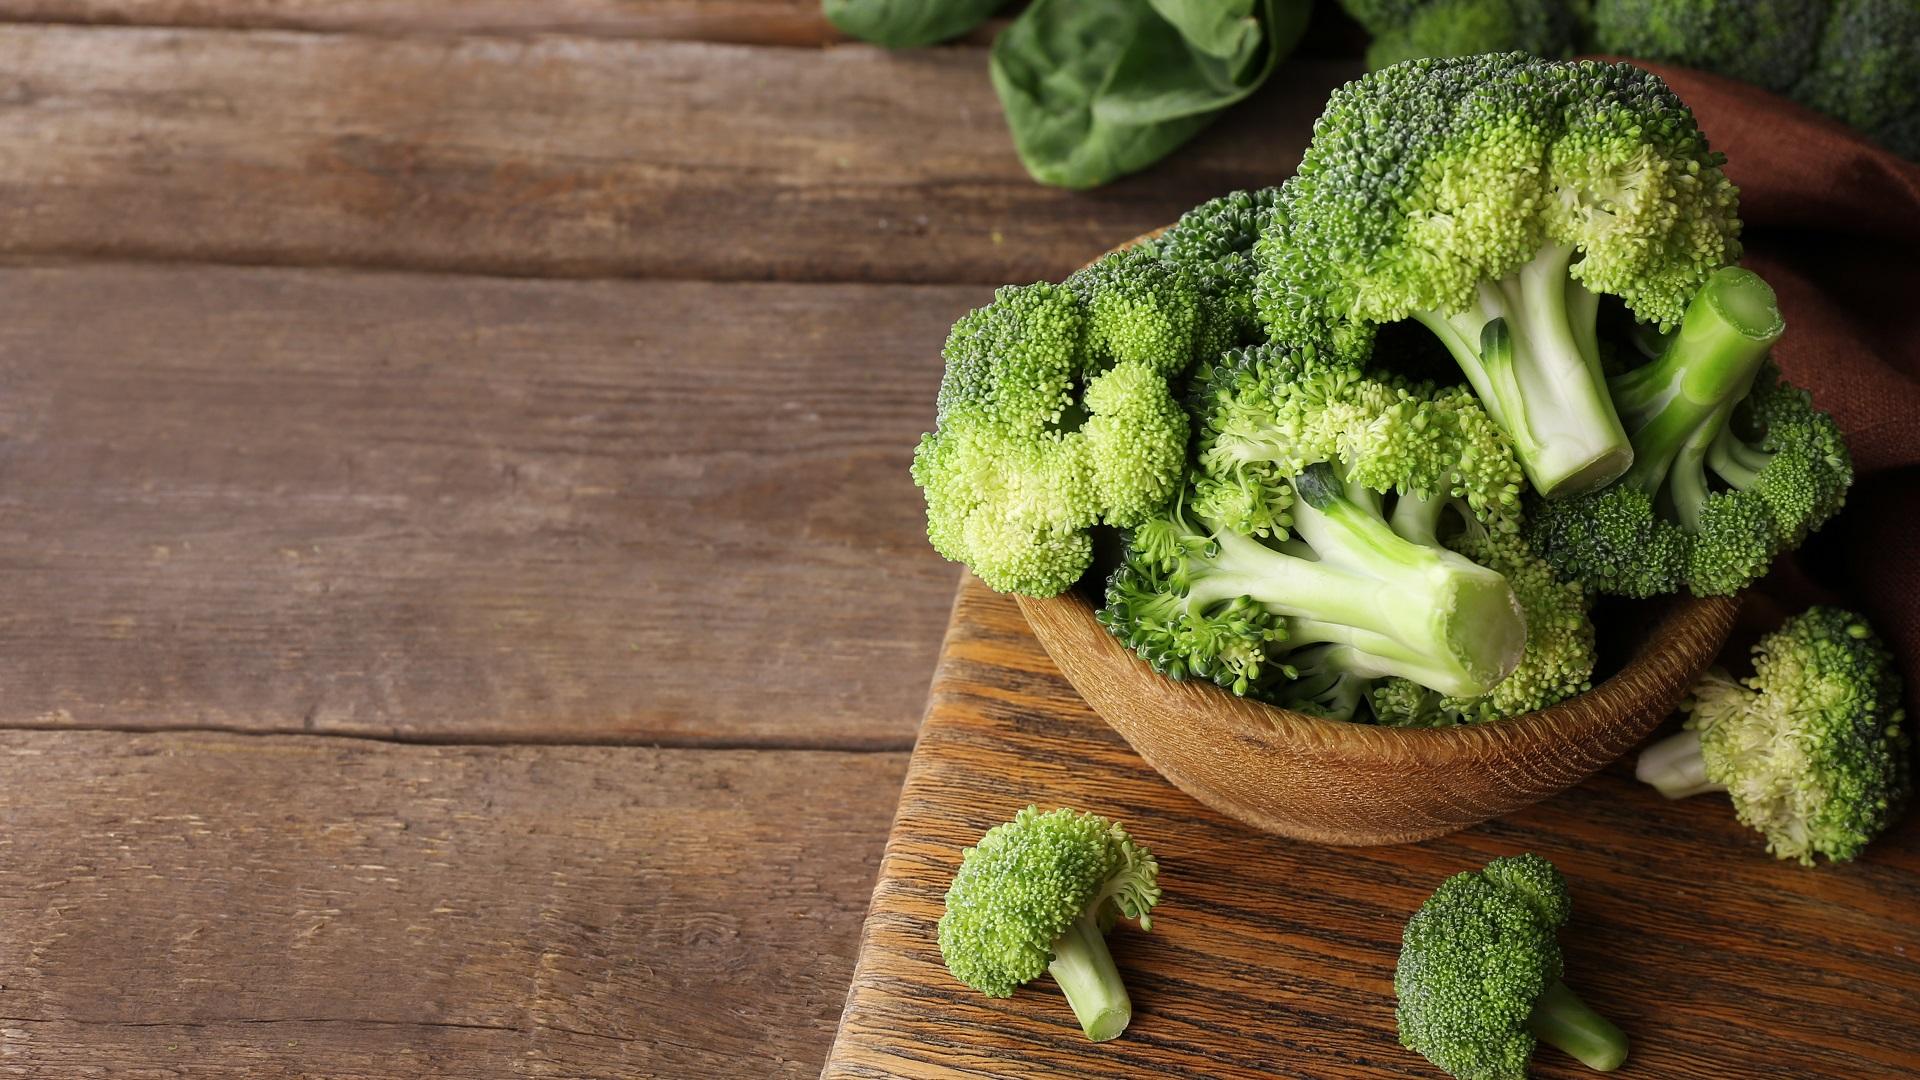 plato-repleto-de-brocoli-sobre-una-mesa-de-madera